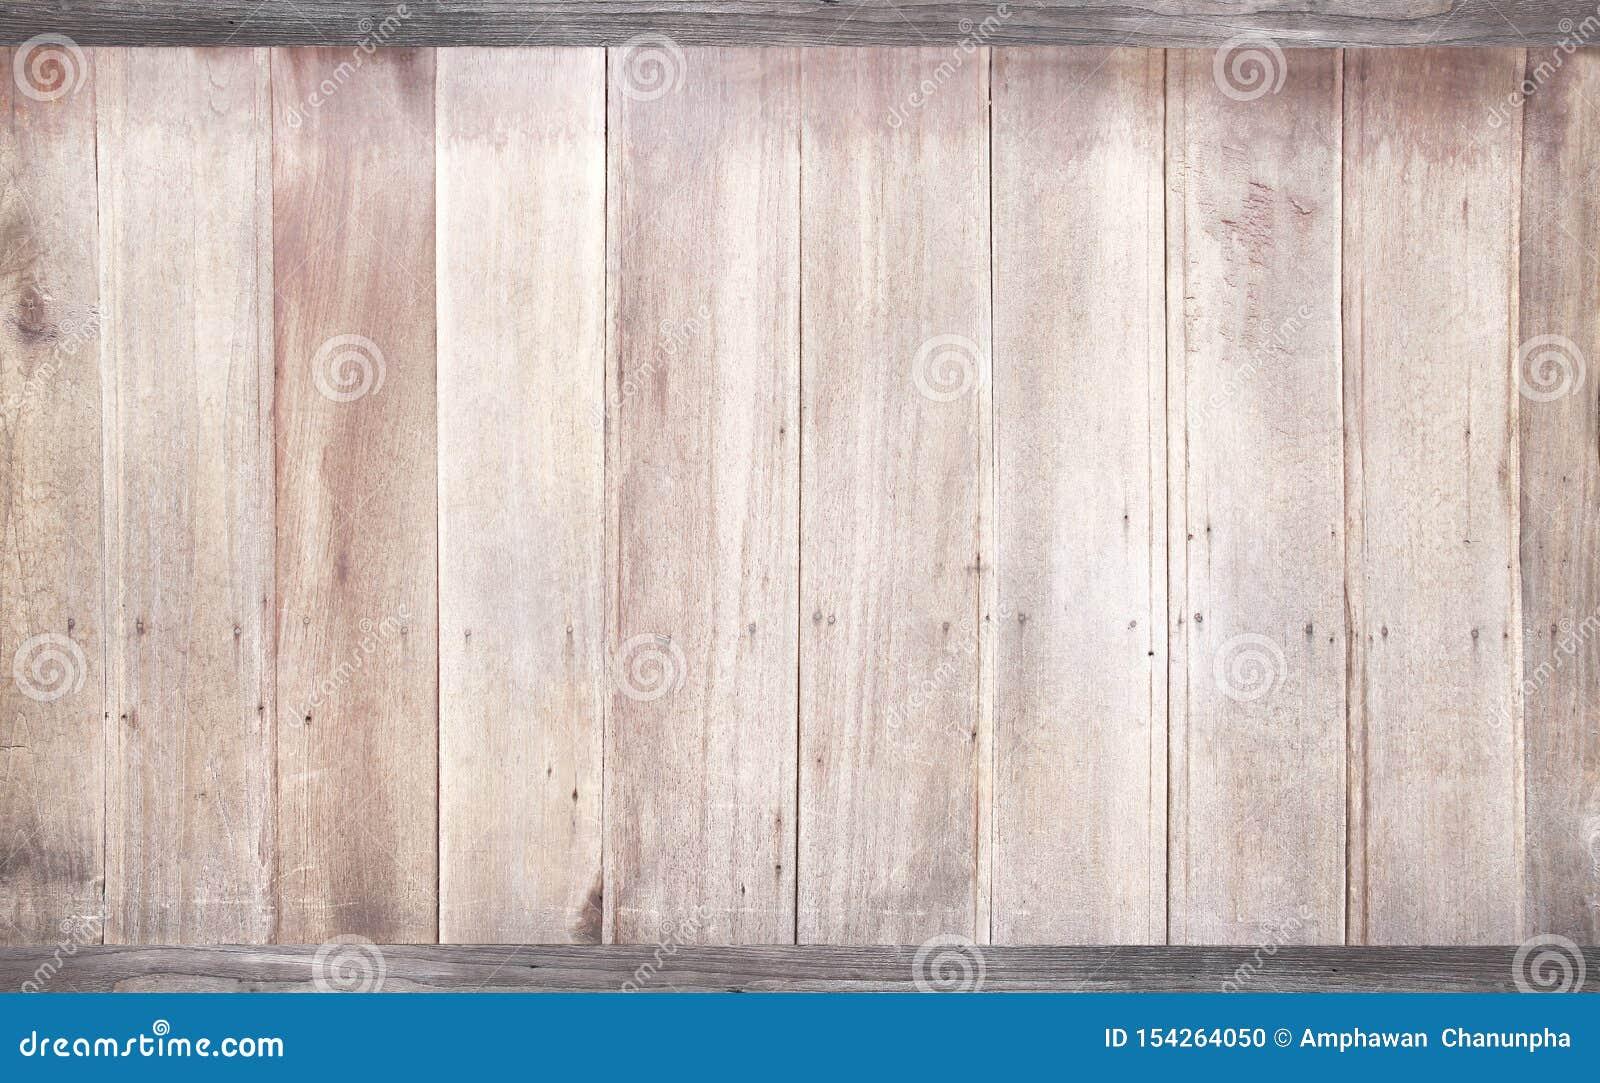 Stary drewno ściany tekstury tło, pustego deski grunge pionowo wzory abstrakcjonistyczni